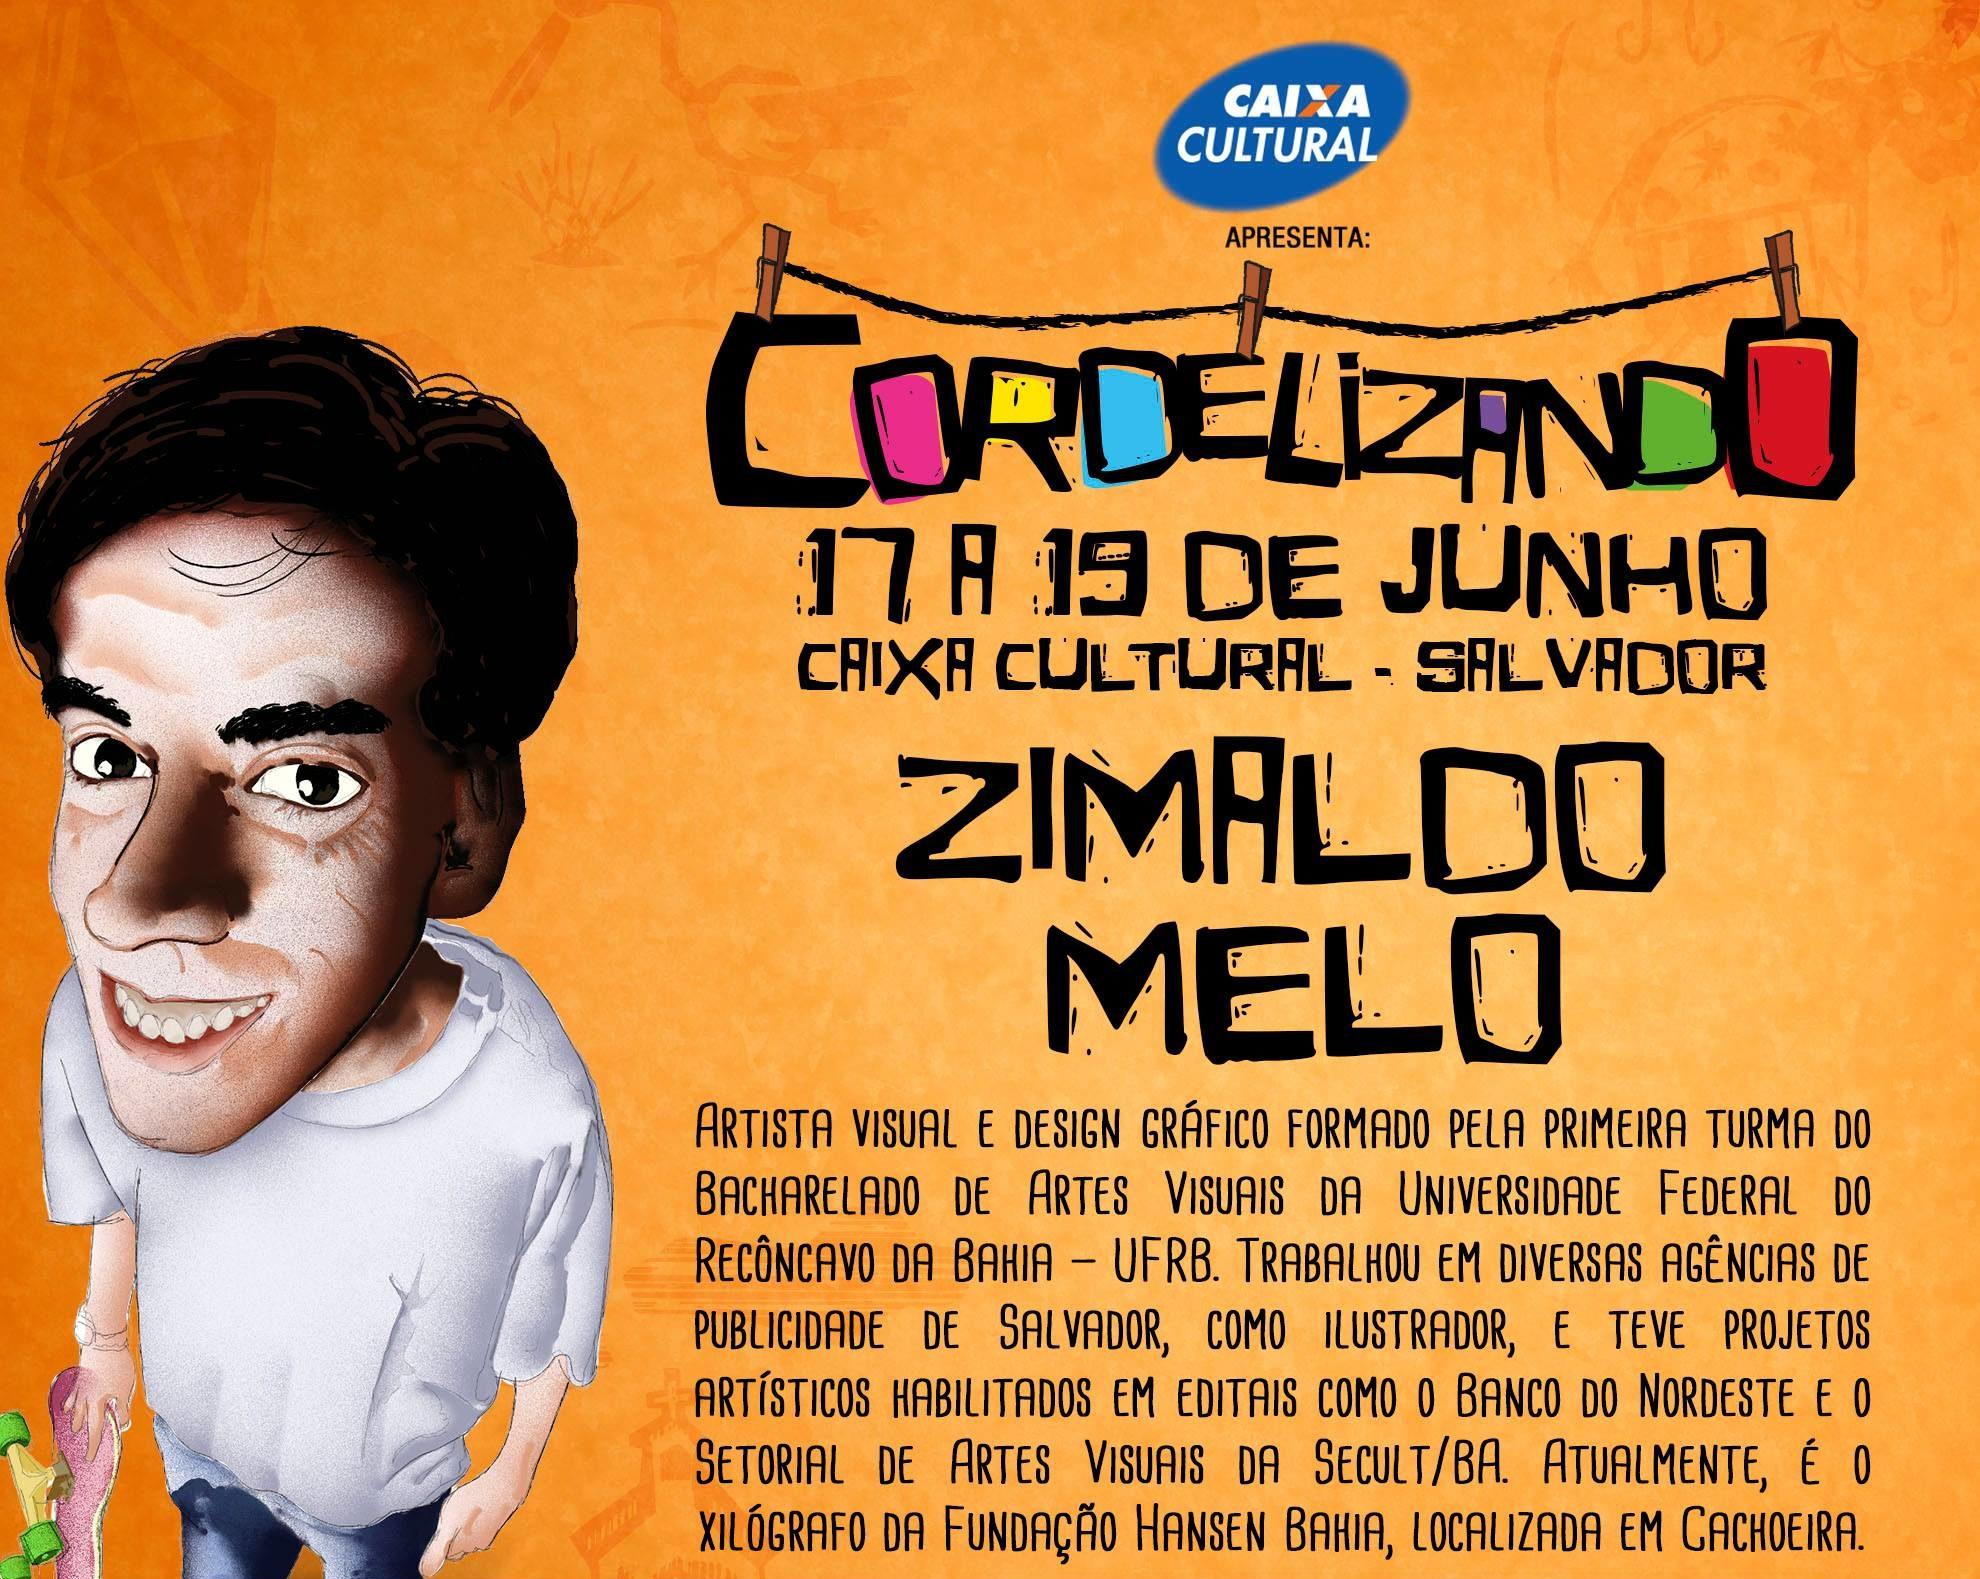 Cordelizando Zimaldo e1514229696519 - Projeto da Caixa Cultural une arte e poesia